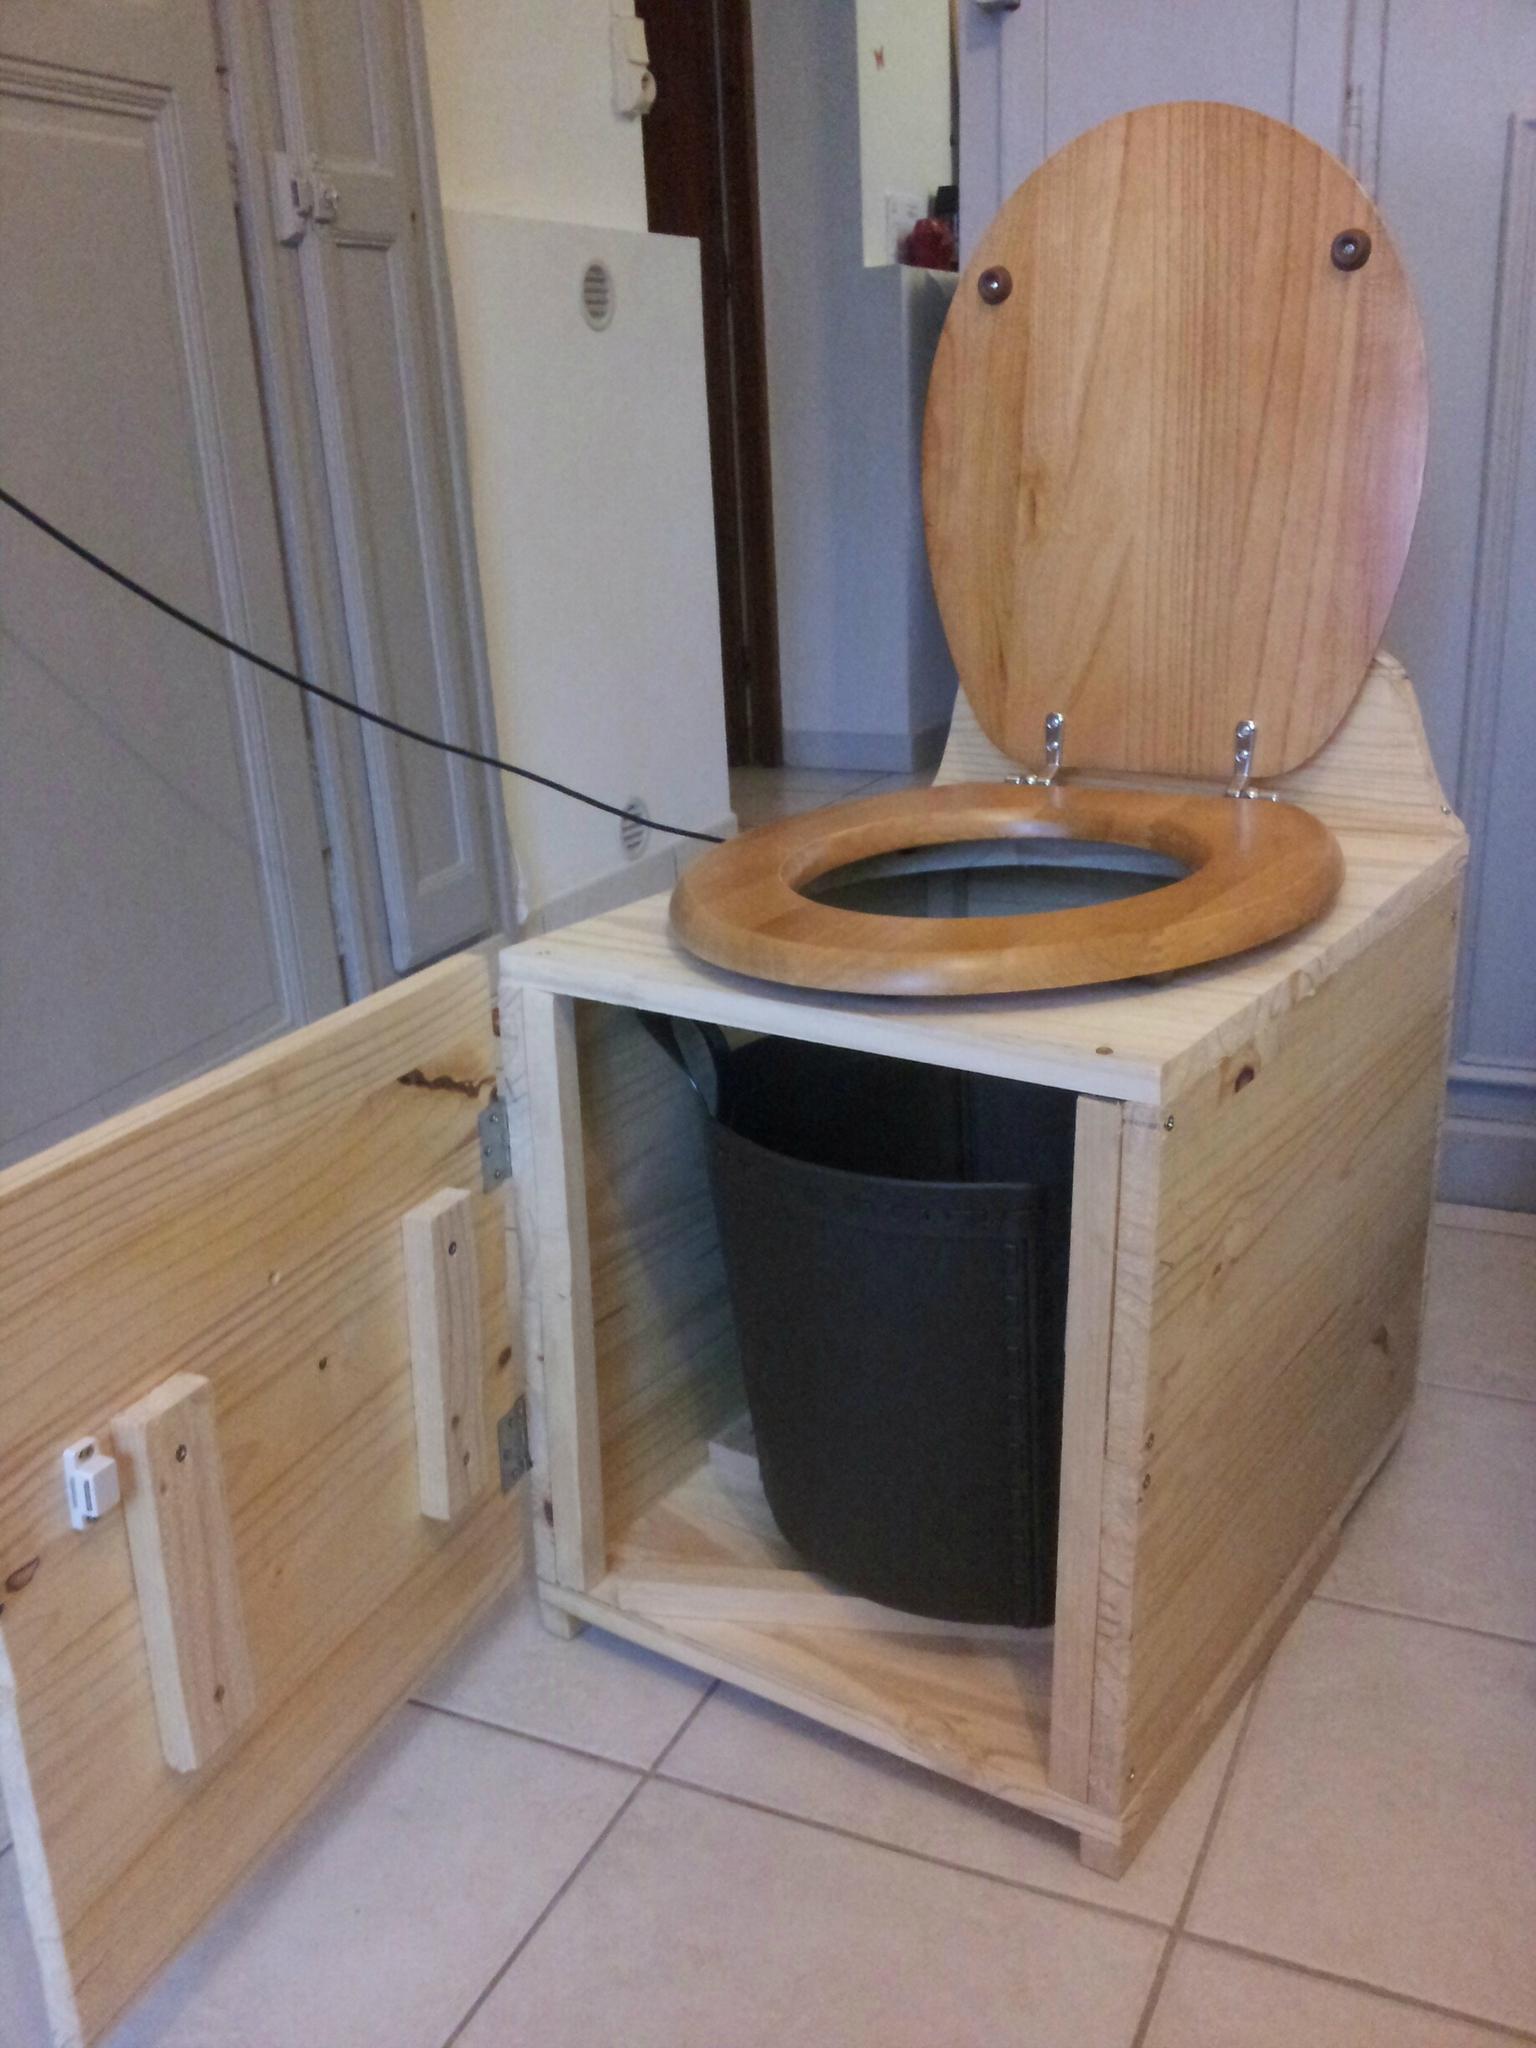 Toilettes Seches Construction avec Toilette Seche Exterieur